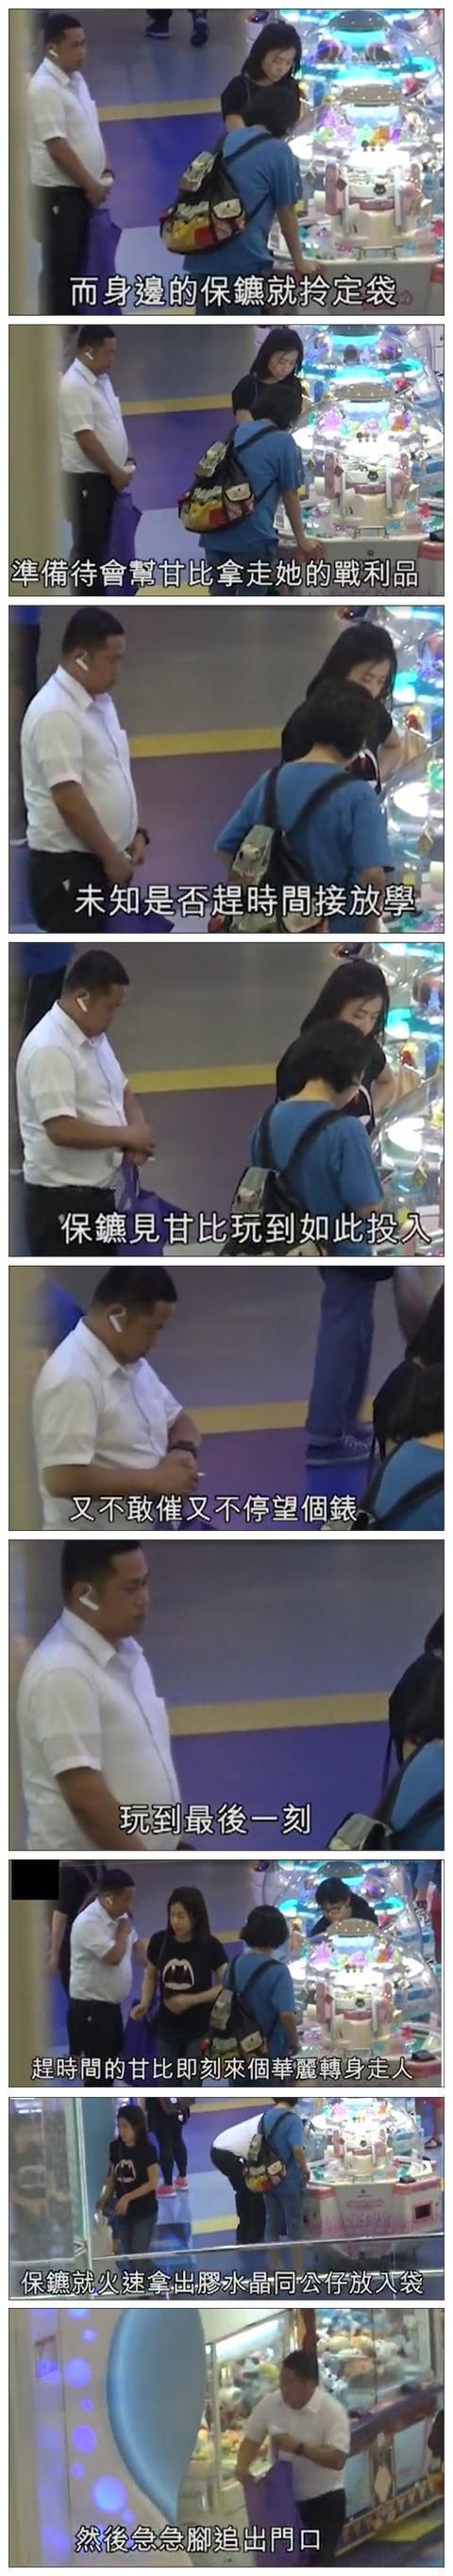 换肾9个月后,刘銮雄穿睡衣上班霸气仍在(图)